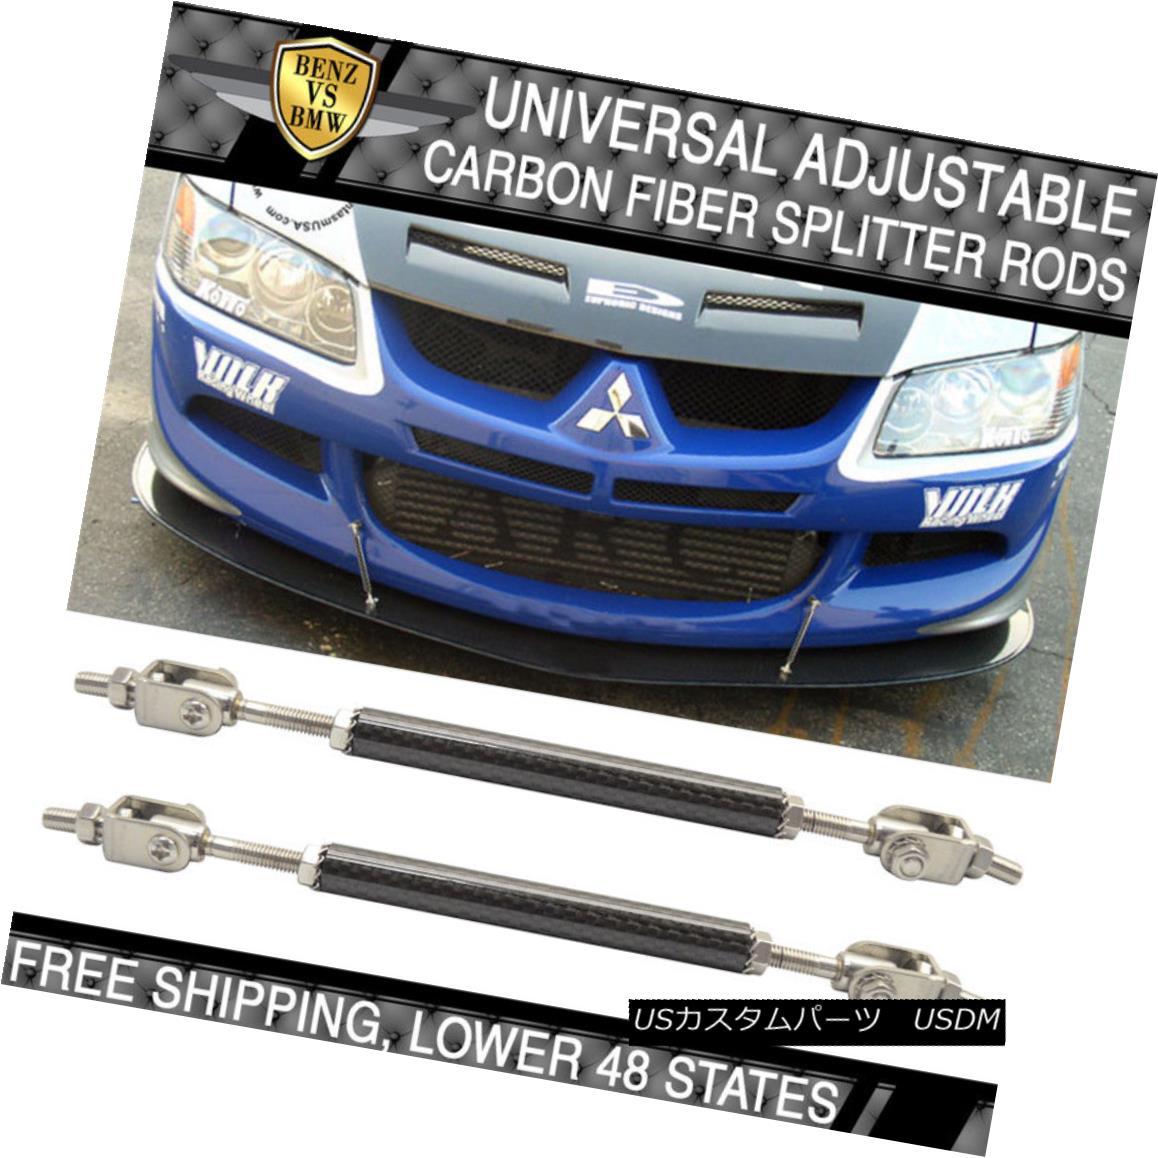 エアロパーツ Fits Mustang Carbon Fiber Front Rear Protector Rod Splitter Strut Bars 140-200mm Mustangカーボンファイバーフロントリアプロテクターロッドスプリッターストラットバー140-200mmに適合